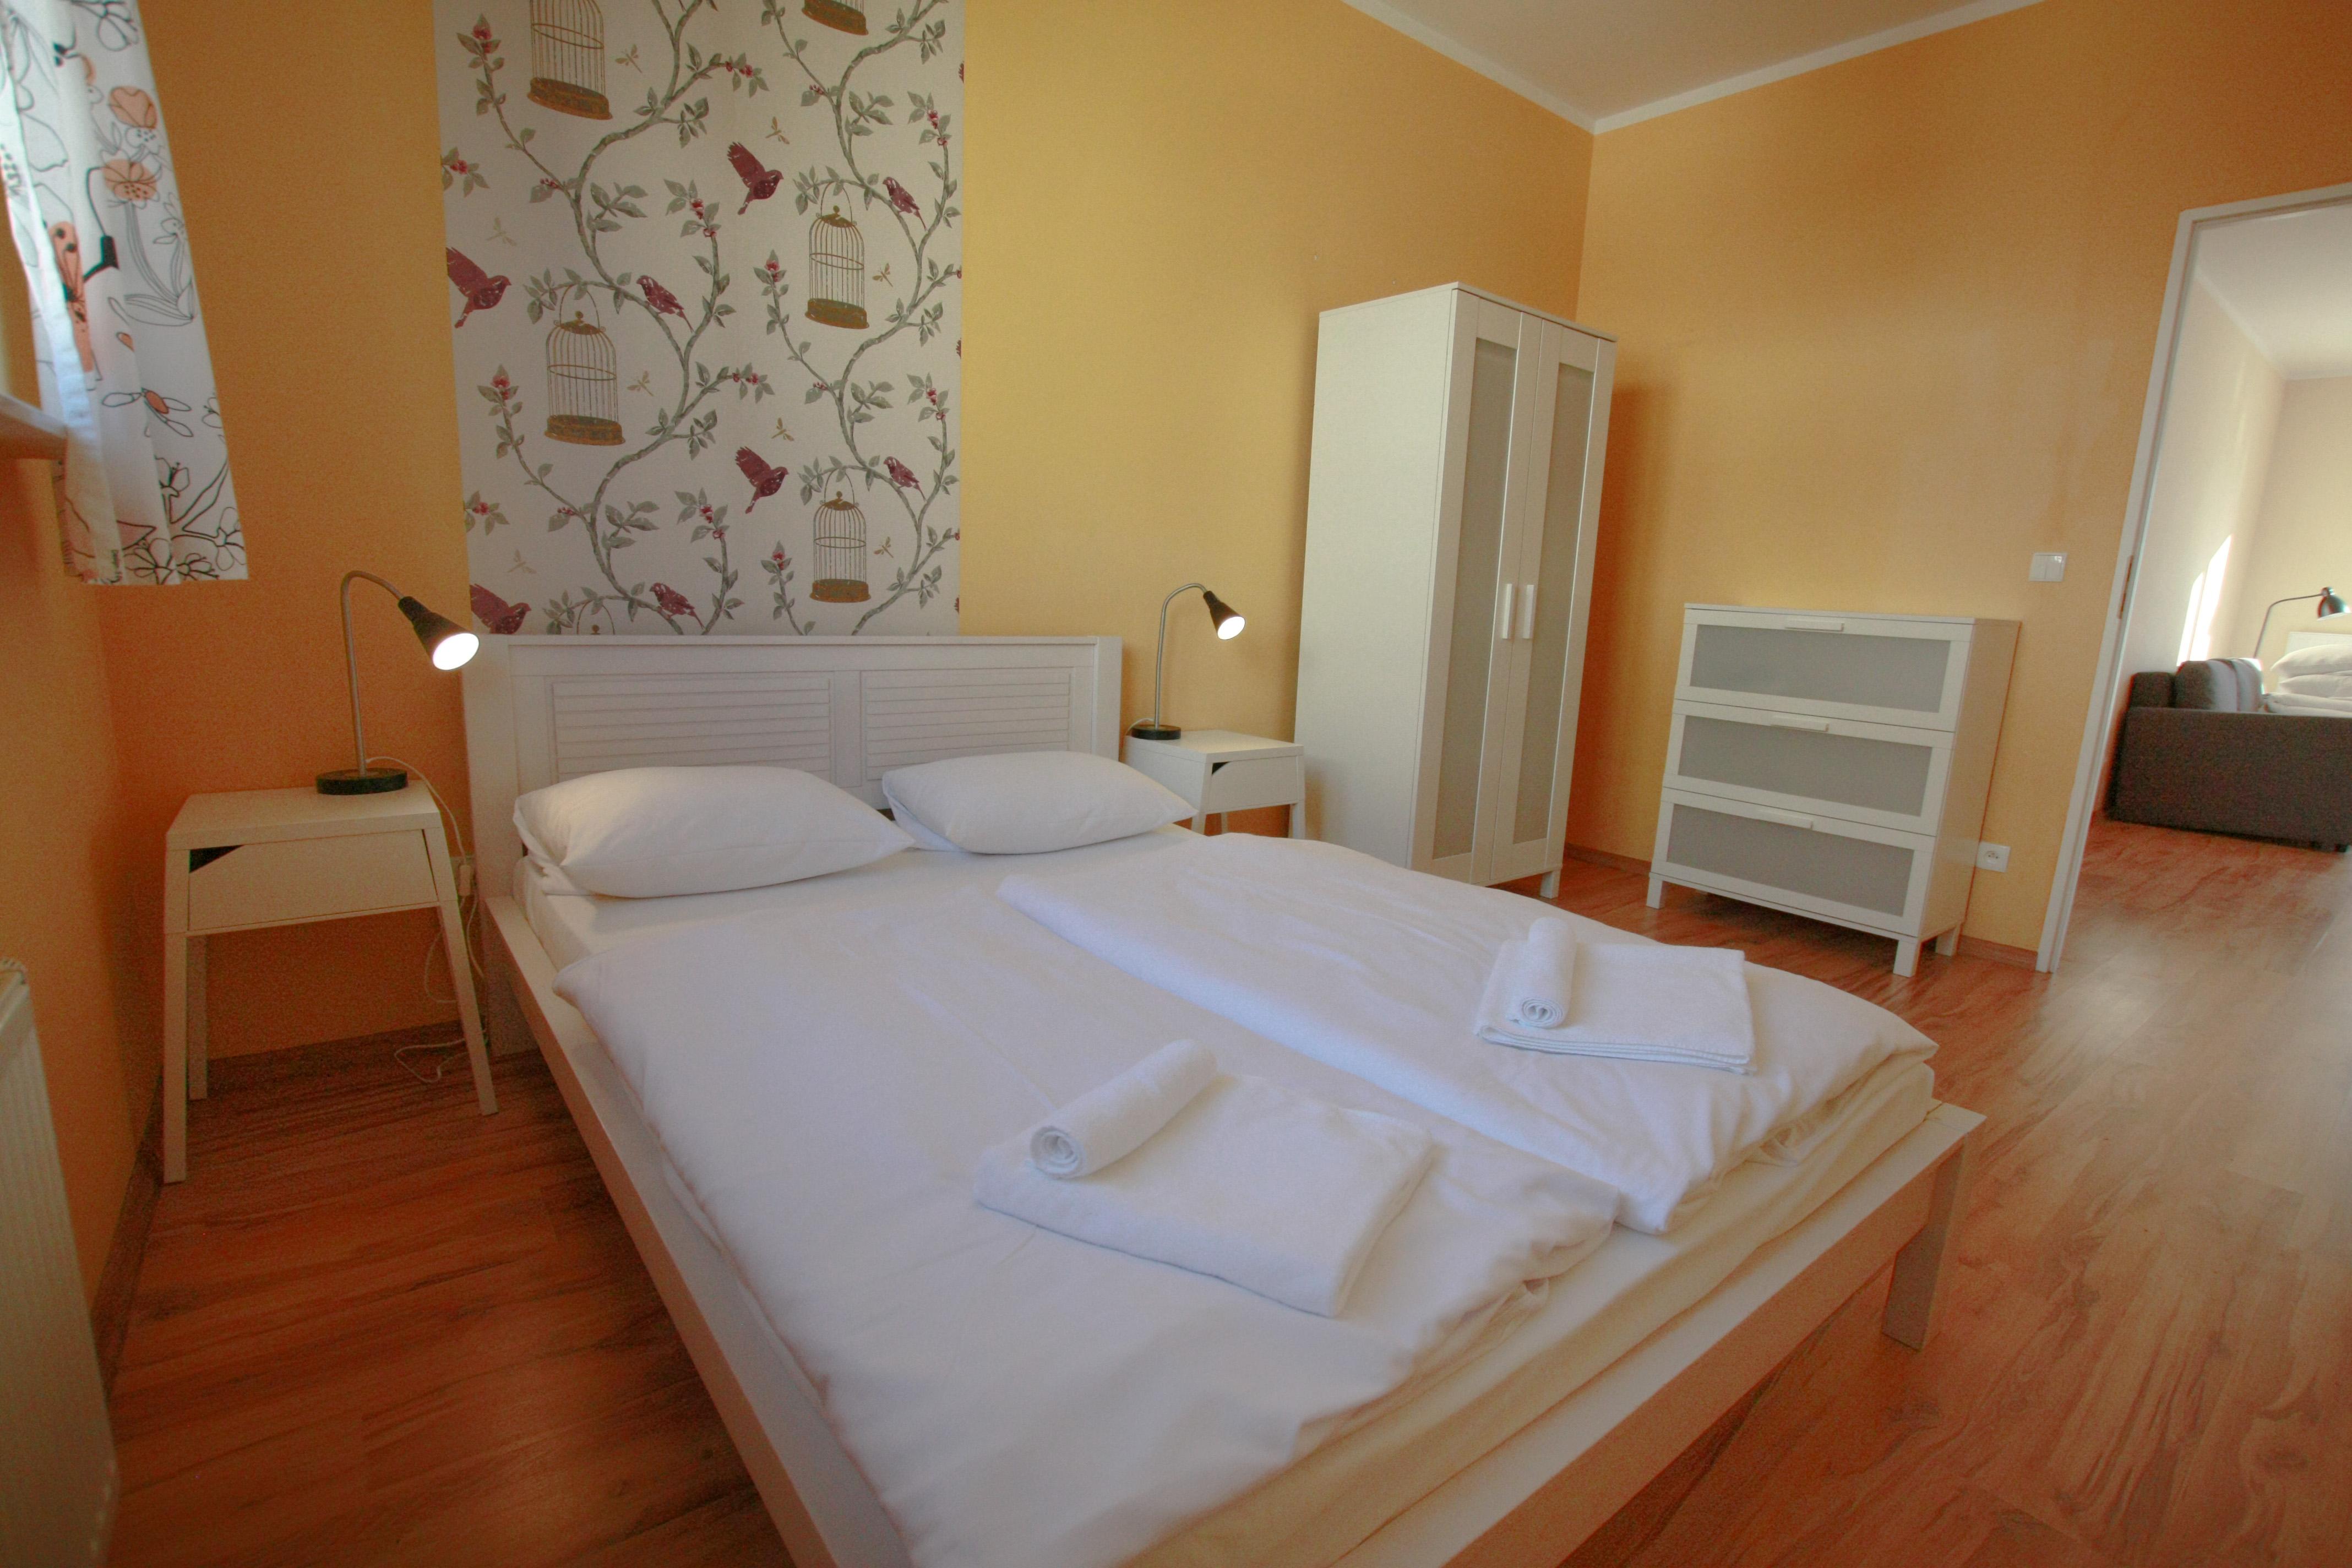 Mieszkanie 2-pokojowe z osobną kuchnią-Platan- REZERWACJA